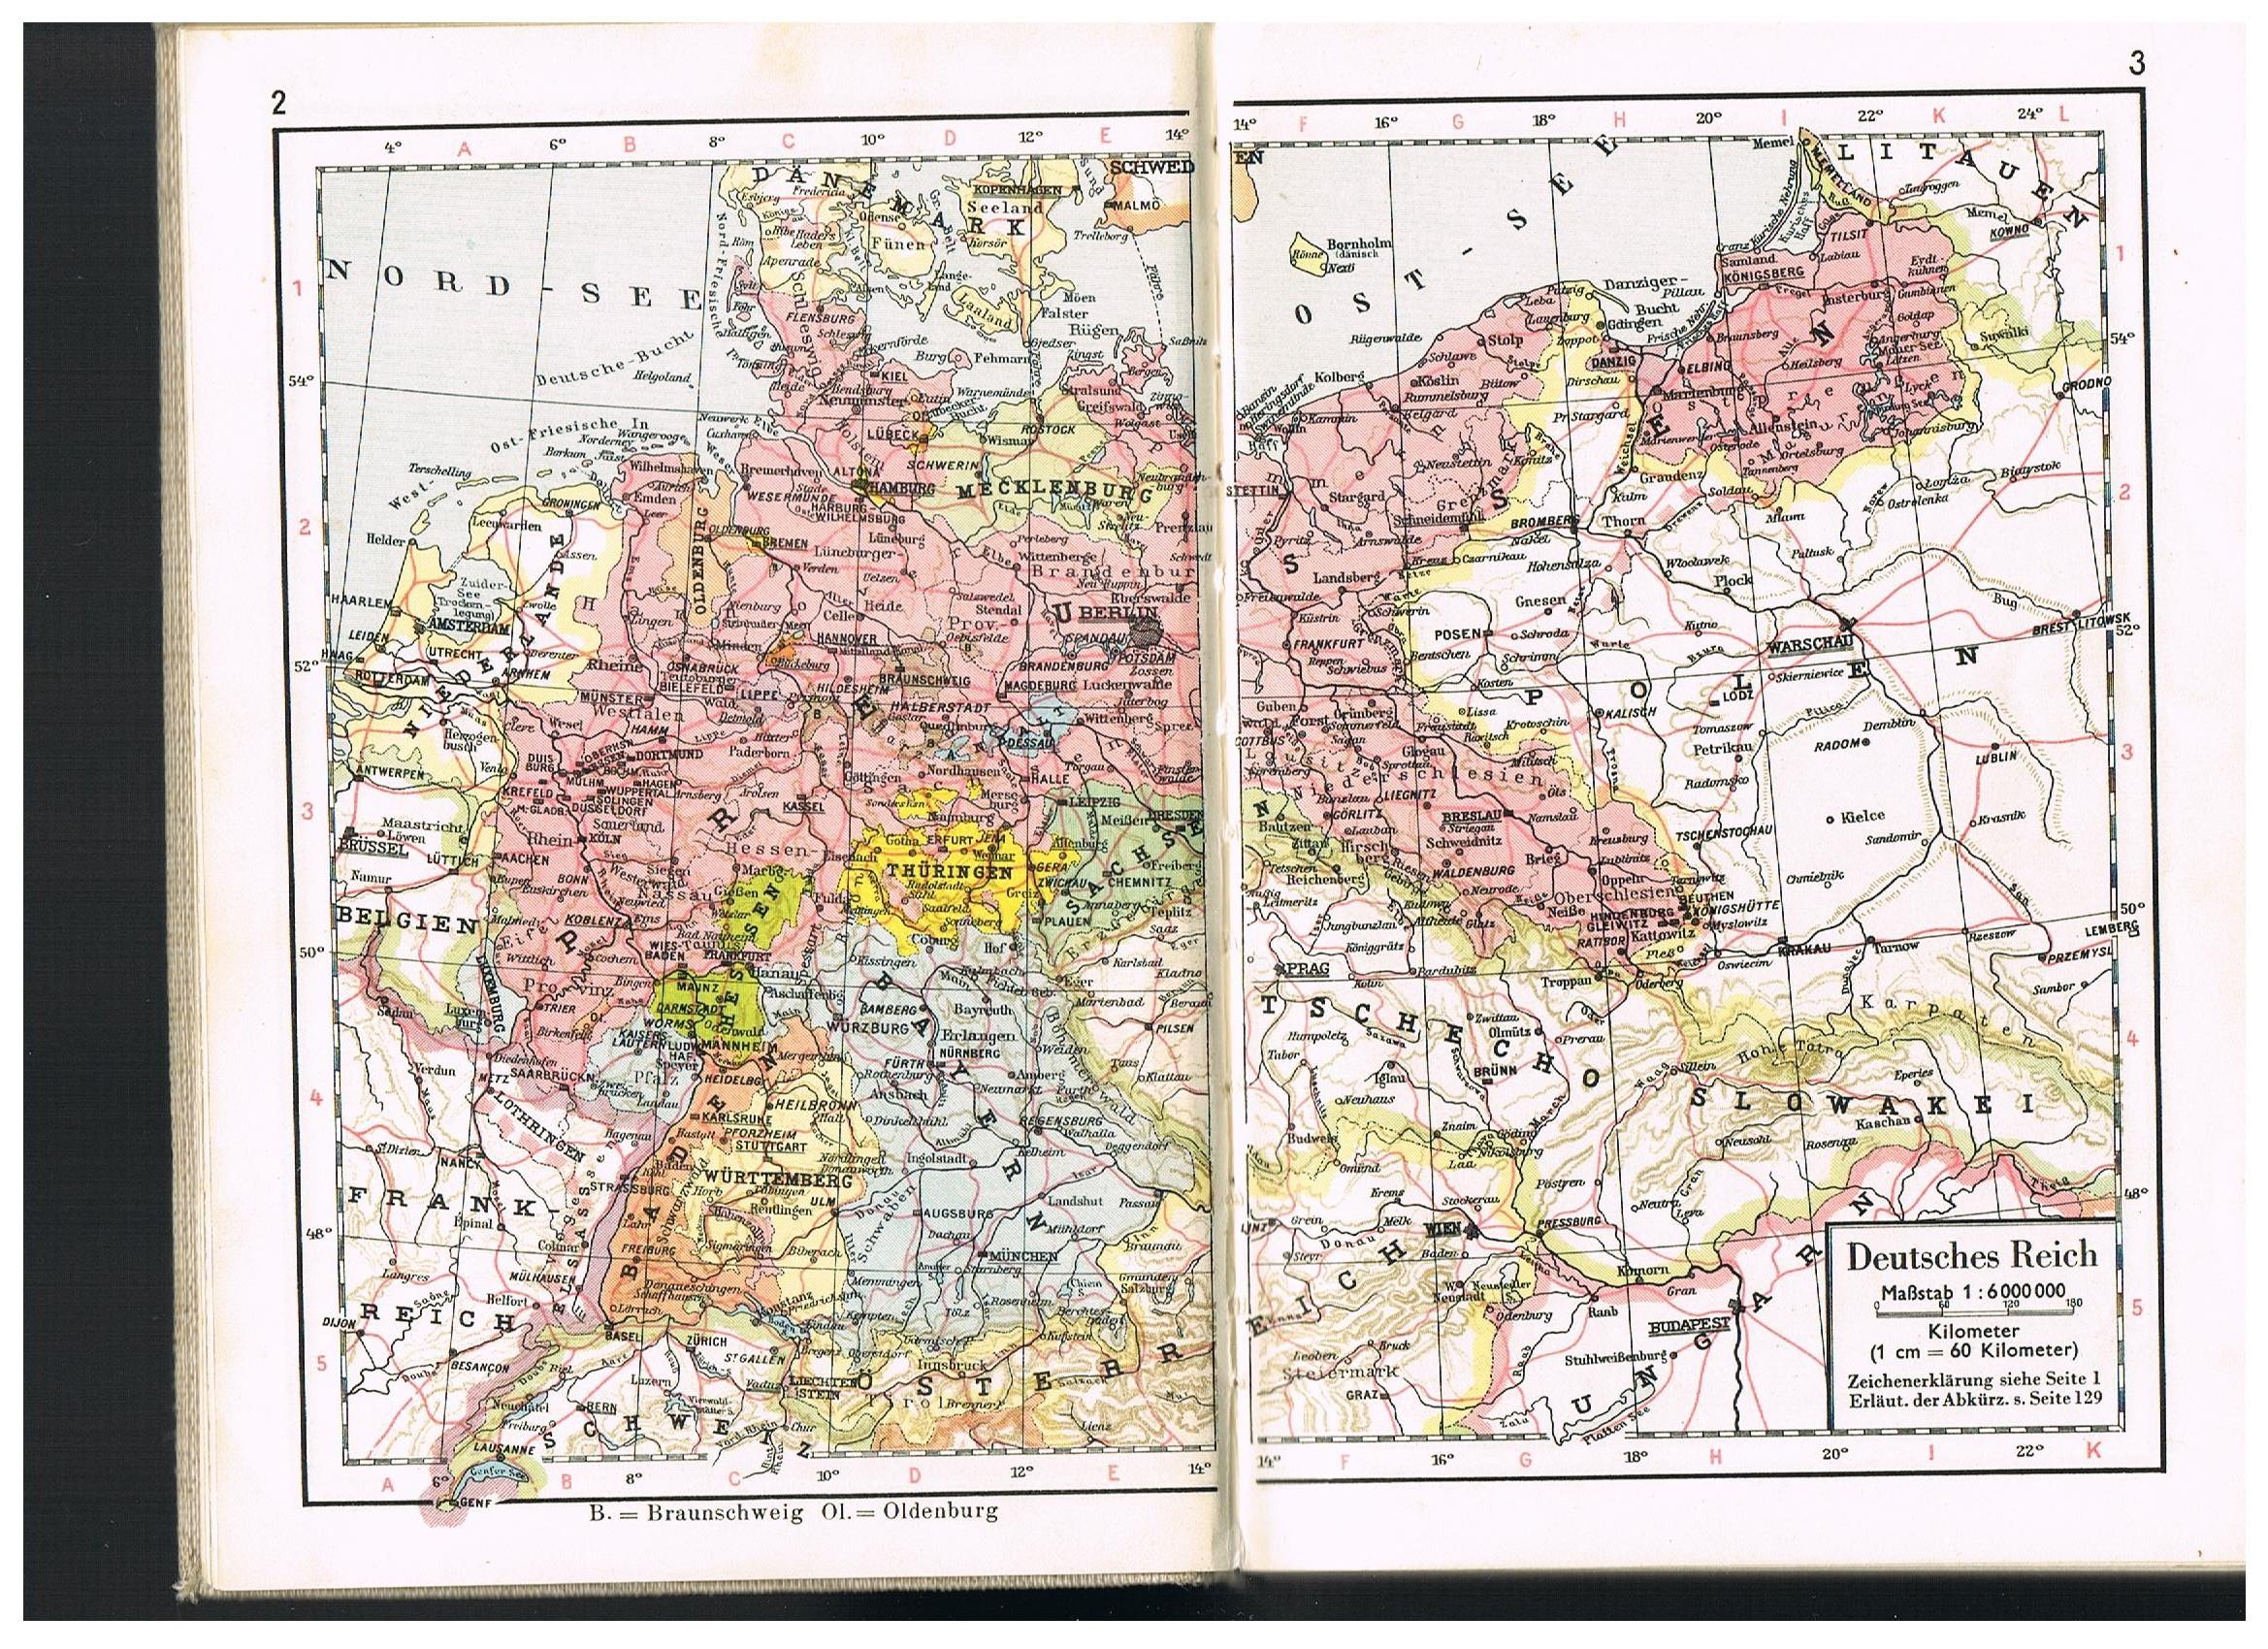 Deutsches Reich Karte 1943.Der Weltkrieg War Vor Deiner Tur